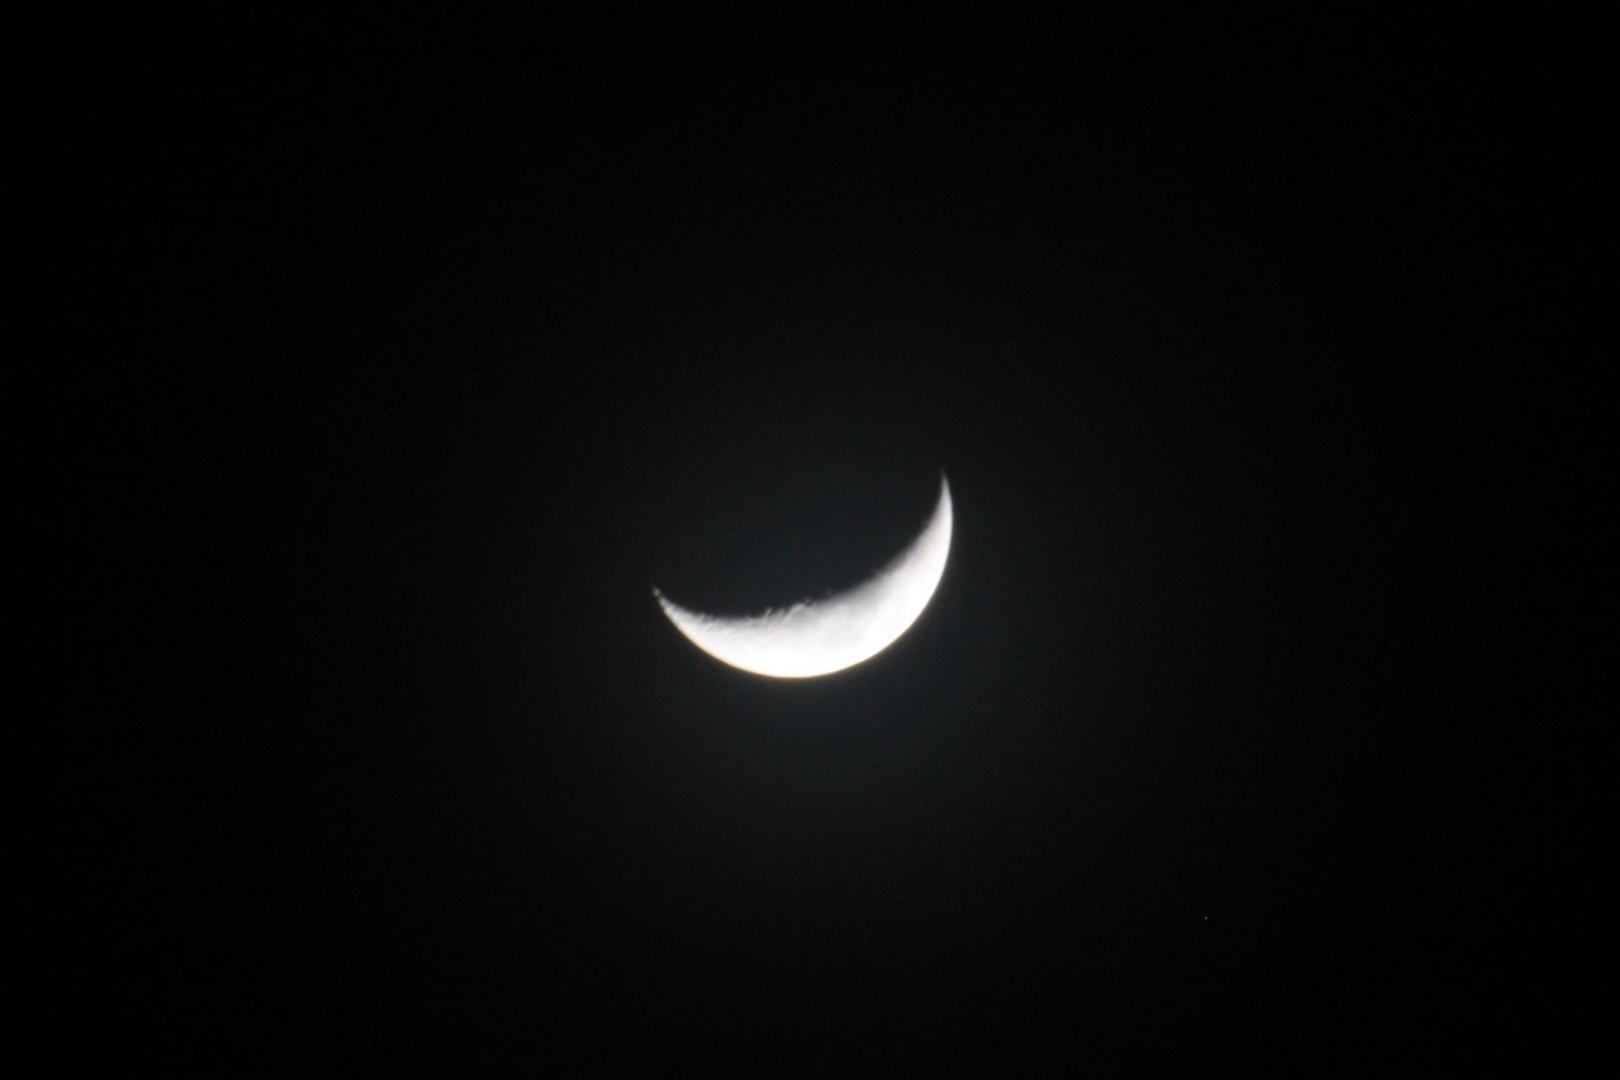 primo quarto di luna senza alone